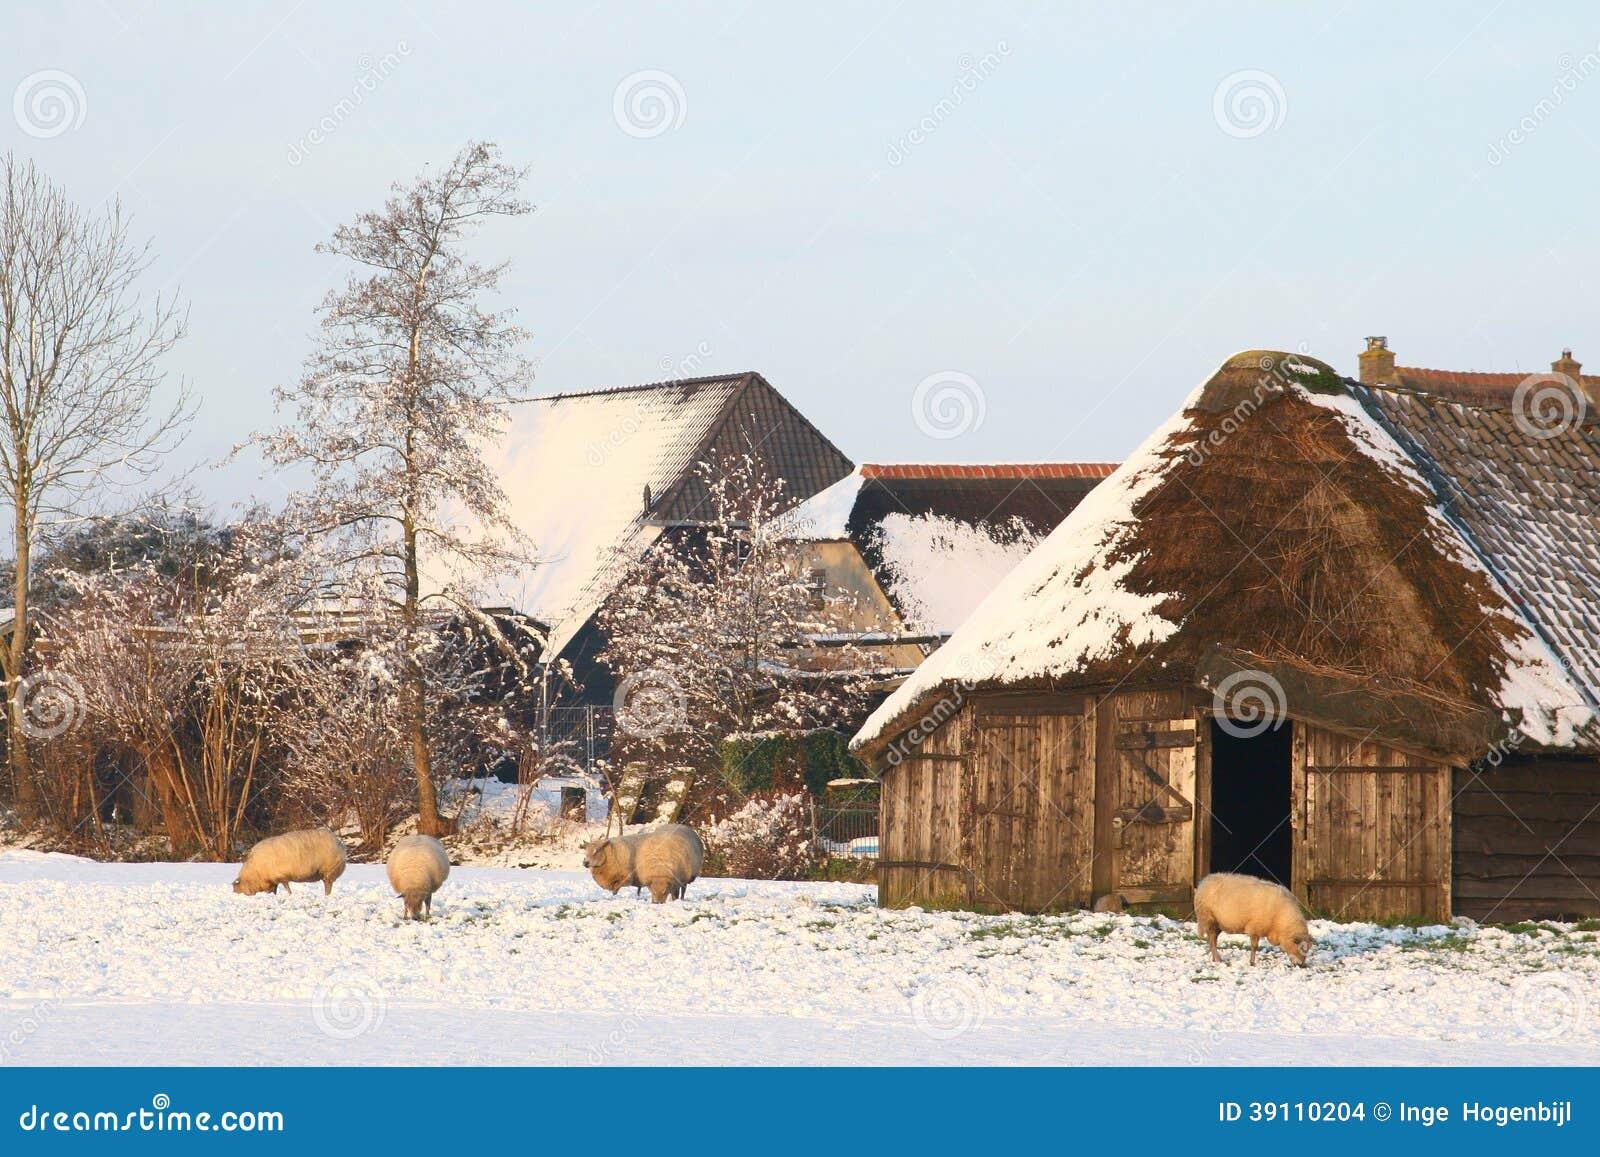 Het Nederlandse landschap van de polder met een sheepfold in de winter